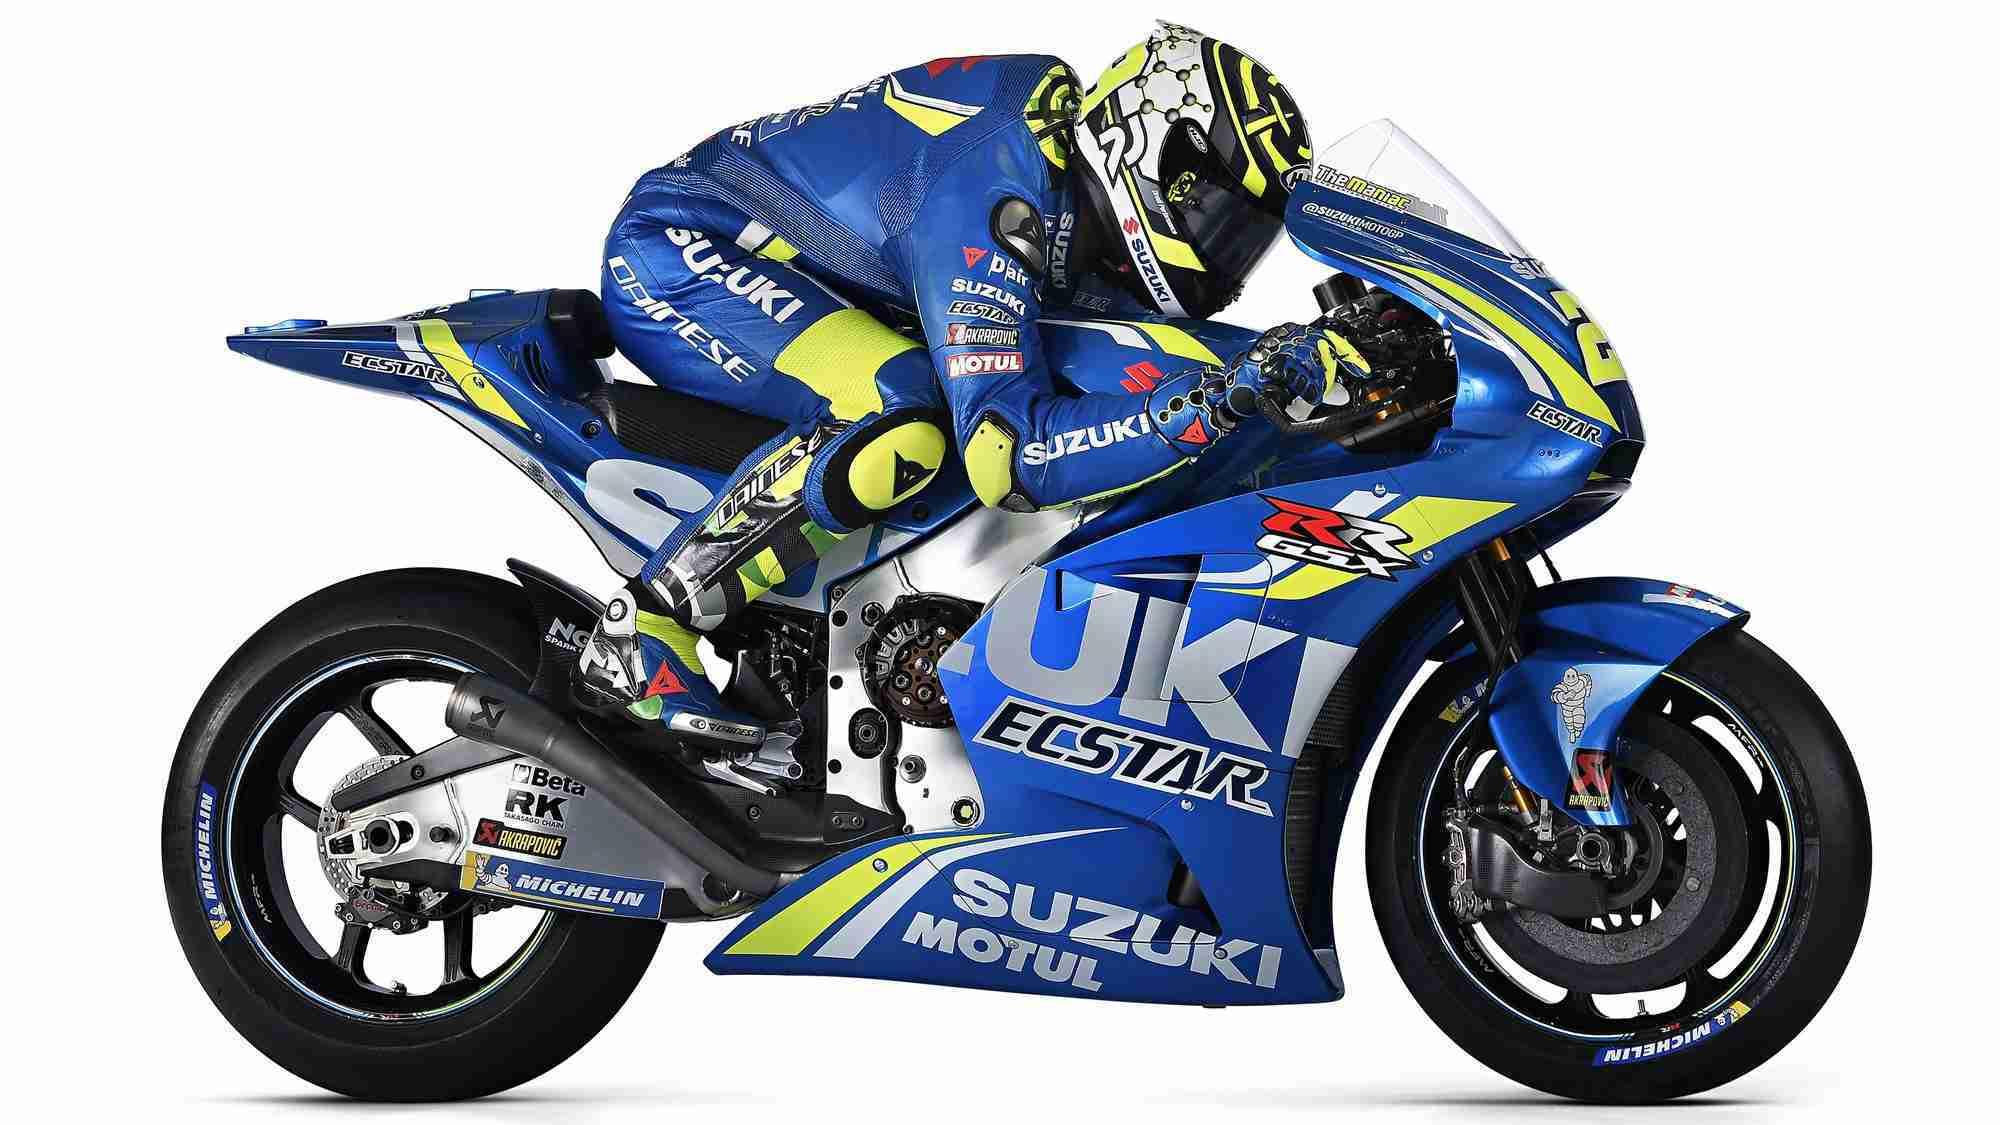 Suzuki MotoGP 2018 livery